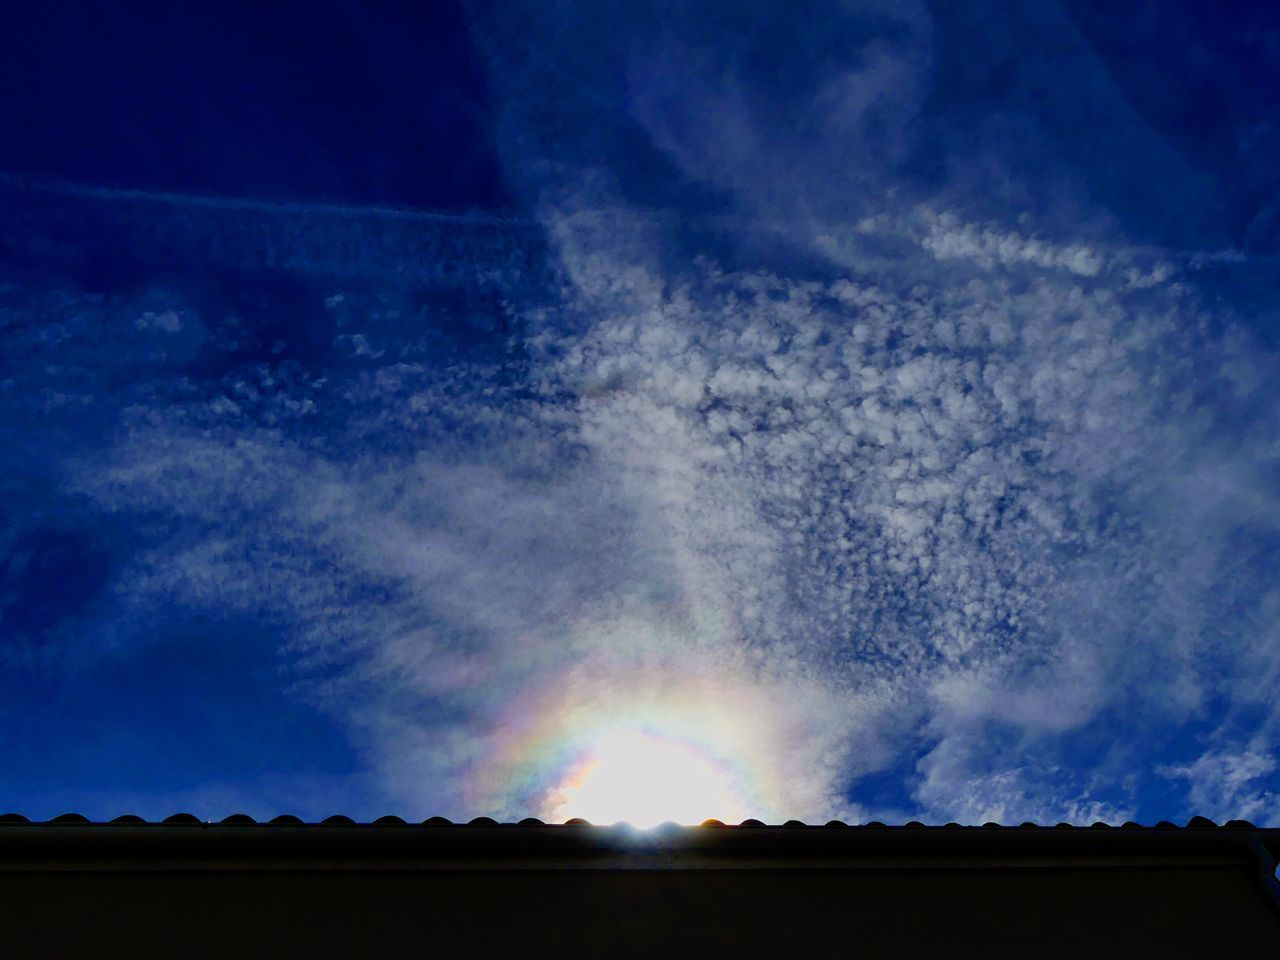 Arc-en-ciel au cœur du Soleil ☀️🌈 Sky Sun Cloud Blue Cloud - Sky Arc En Ciel Arc-en-ciel  Soleil Ciel Et Nuages Nuages Et Ciel CIELFIE Ciel Ciel En Couleurs